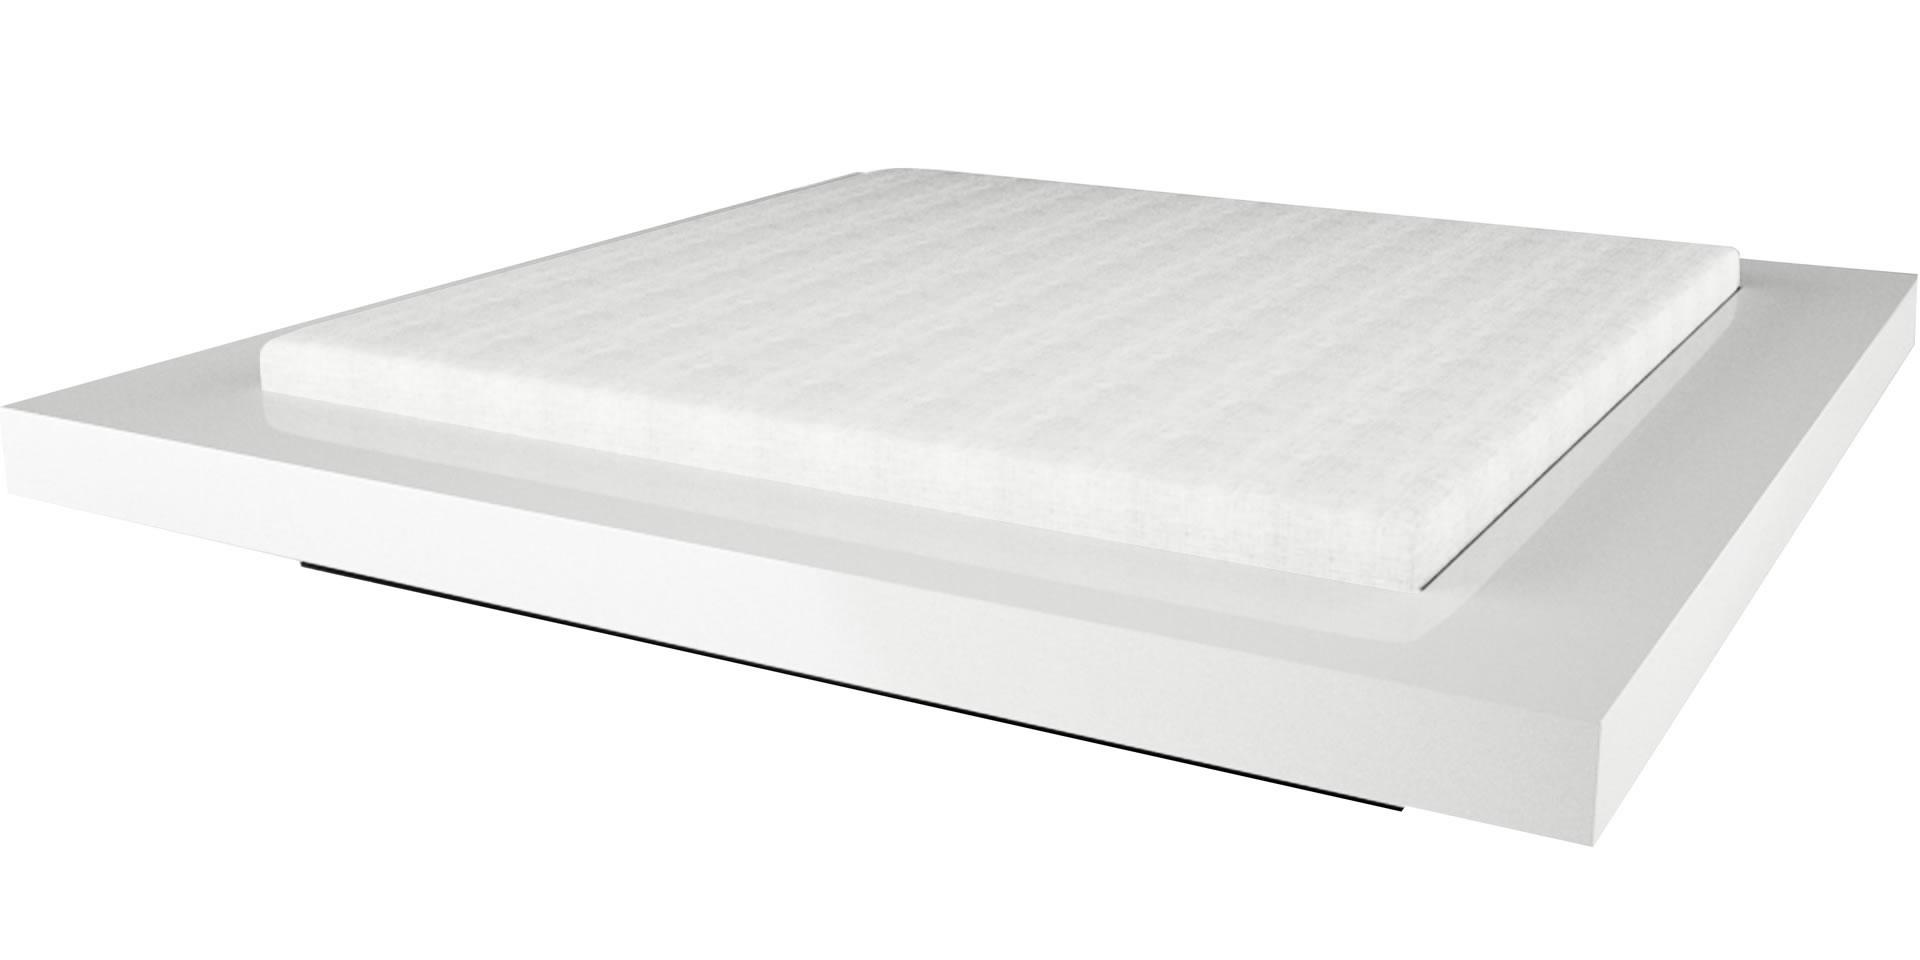 Full Size of Bett 200x200 Mit Bettkasten Modern Design Ruf Betten Massivholz Tatami Eiche Sonoma 160x200 Jabo Weißes Stabiles Schwebendes Komforthöhe Rückenlehne Bett Weißes Bett 160x200